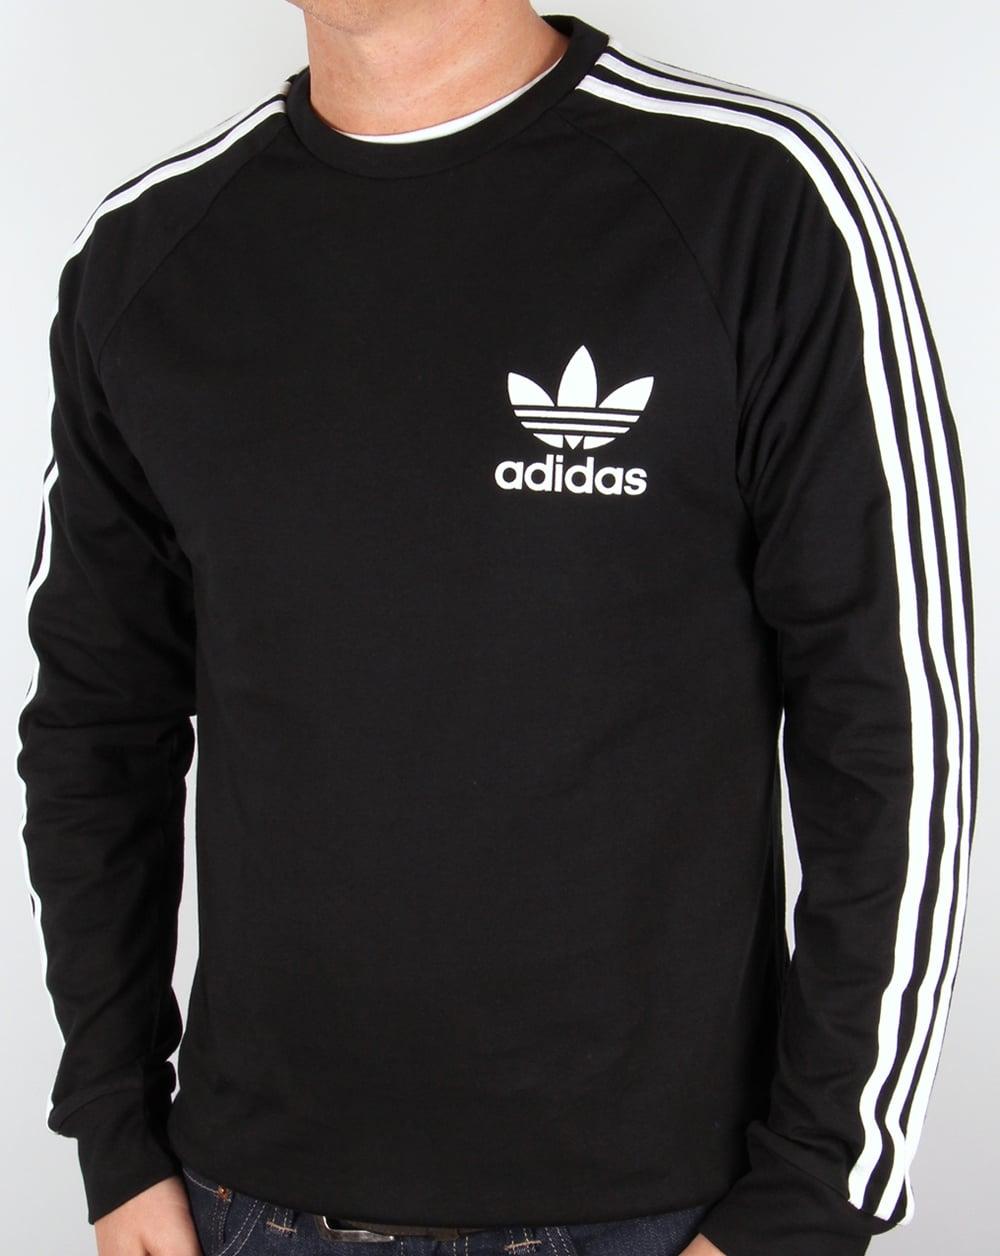 1c31403e5718 adidas Originals Adidas Originals Long Sleeve T Shirt Black